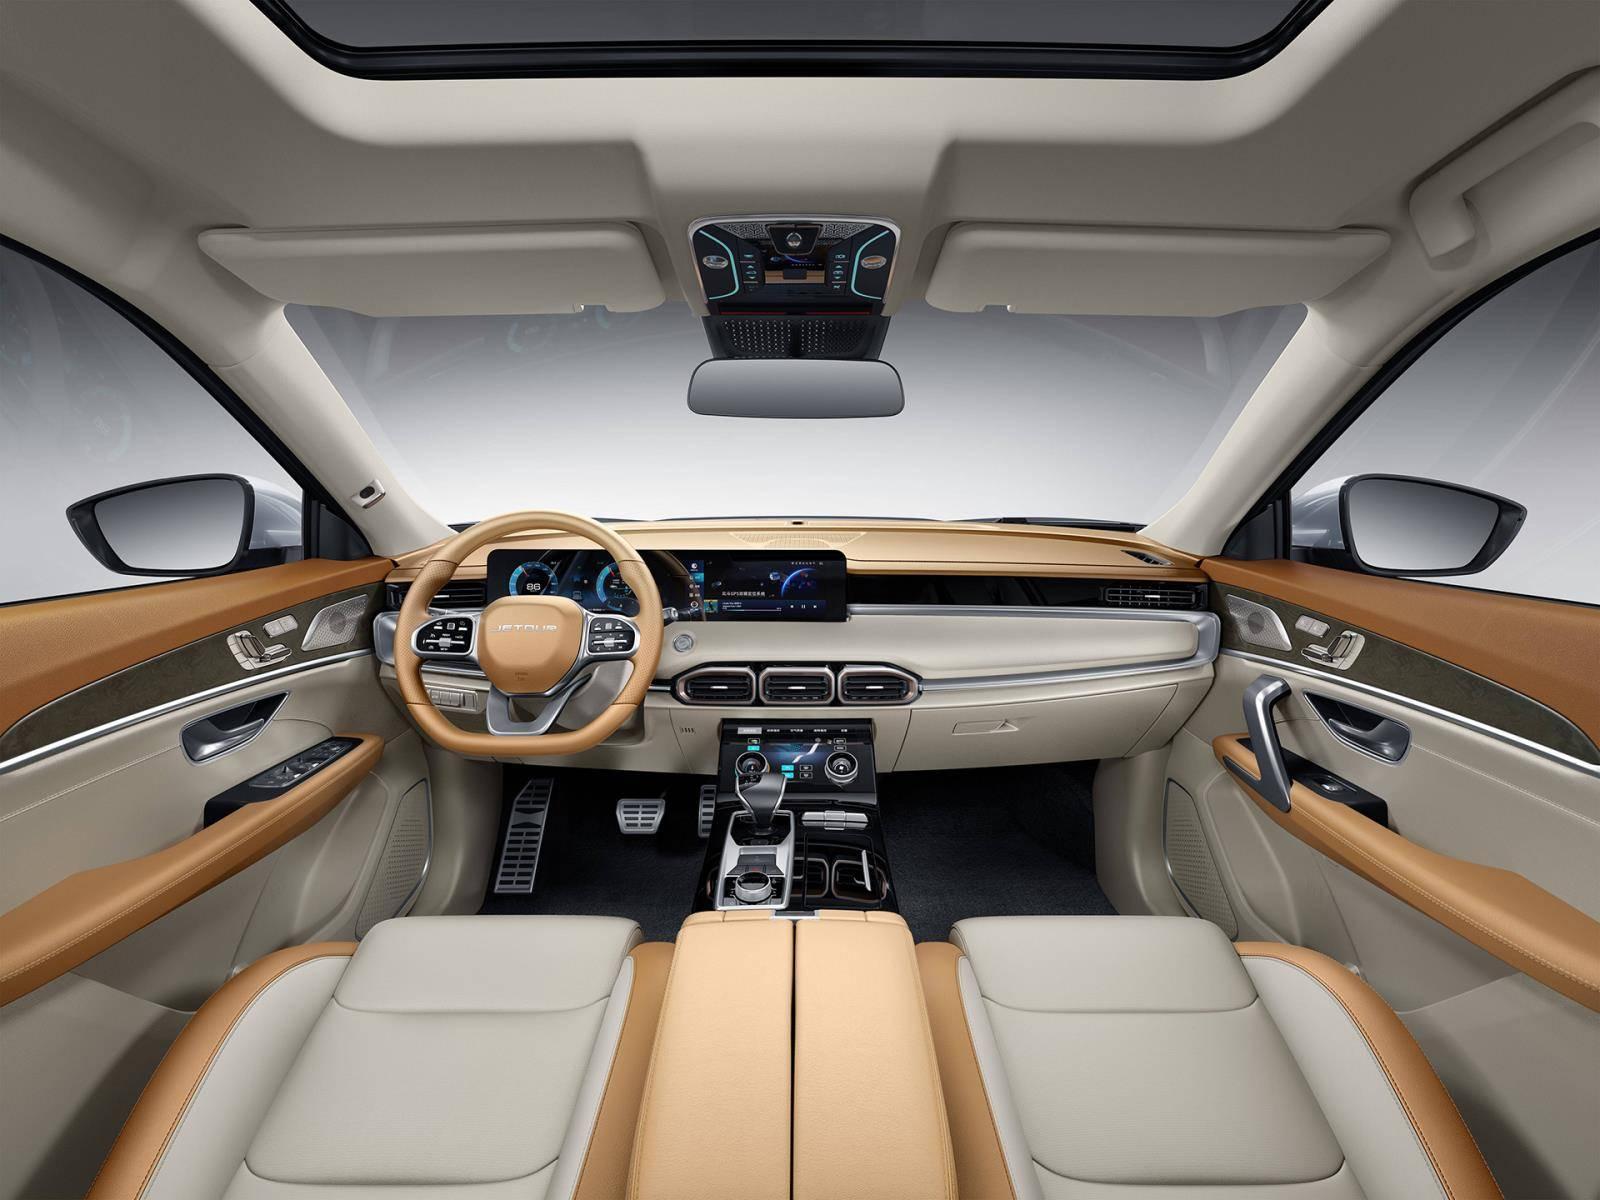 捷途X70 PLUS诸葛版将于4月12日上市 搭载华为HiCar车机系统